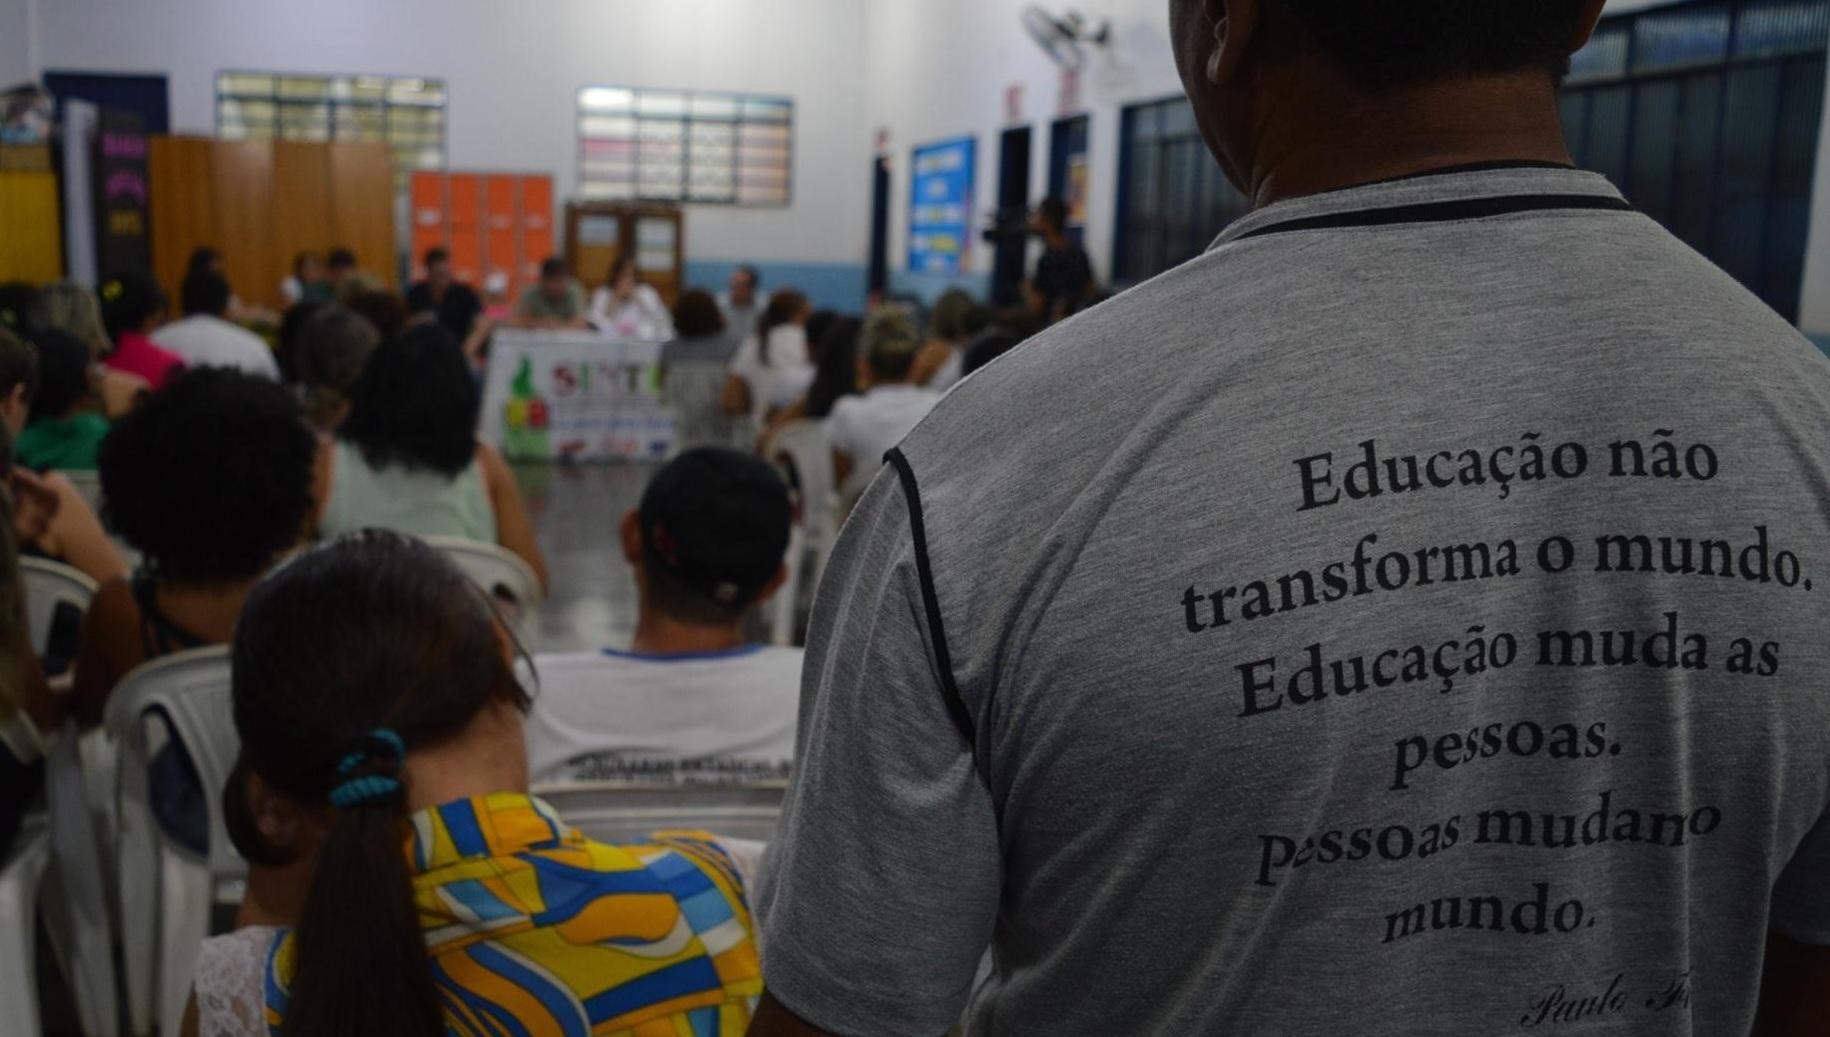 Foto: Arquivo/Guaraí Notícias - SINTET quer saber para onde foram os quase R$ 1,5 milhão de saldo não aplicados em 2017 na educação municipal de Guaraí. Entidade lembra que valores poderiam ser investidos na valorização da categoria.